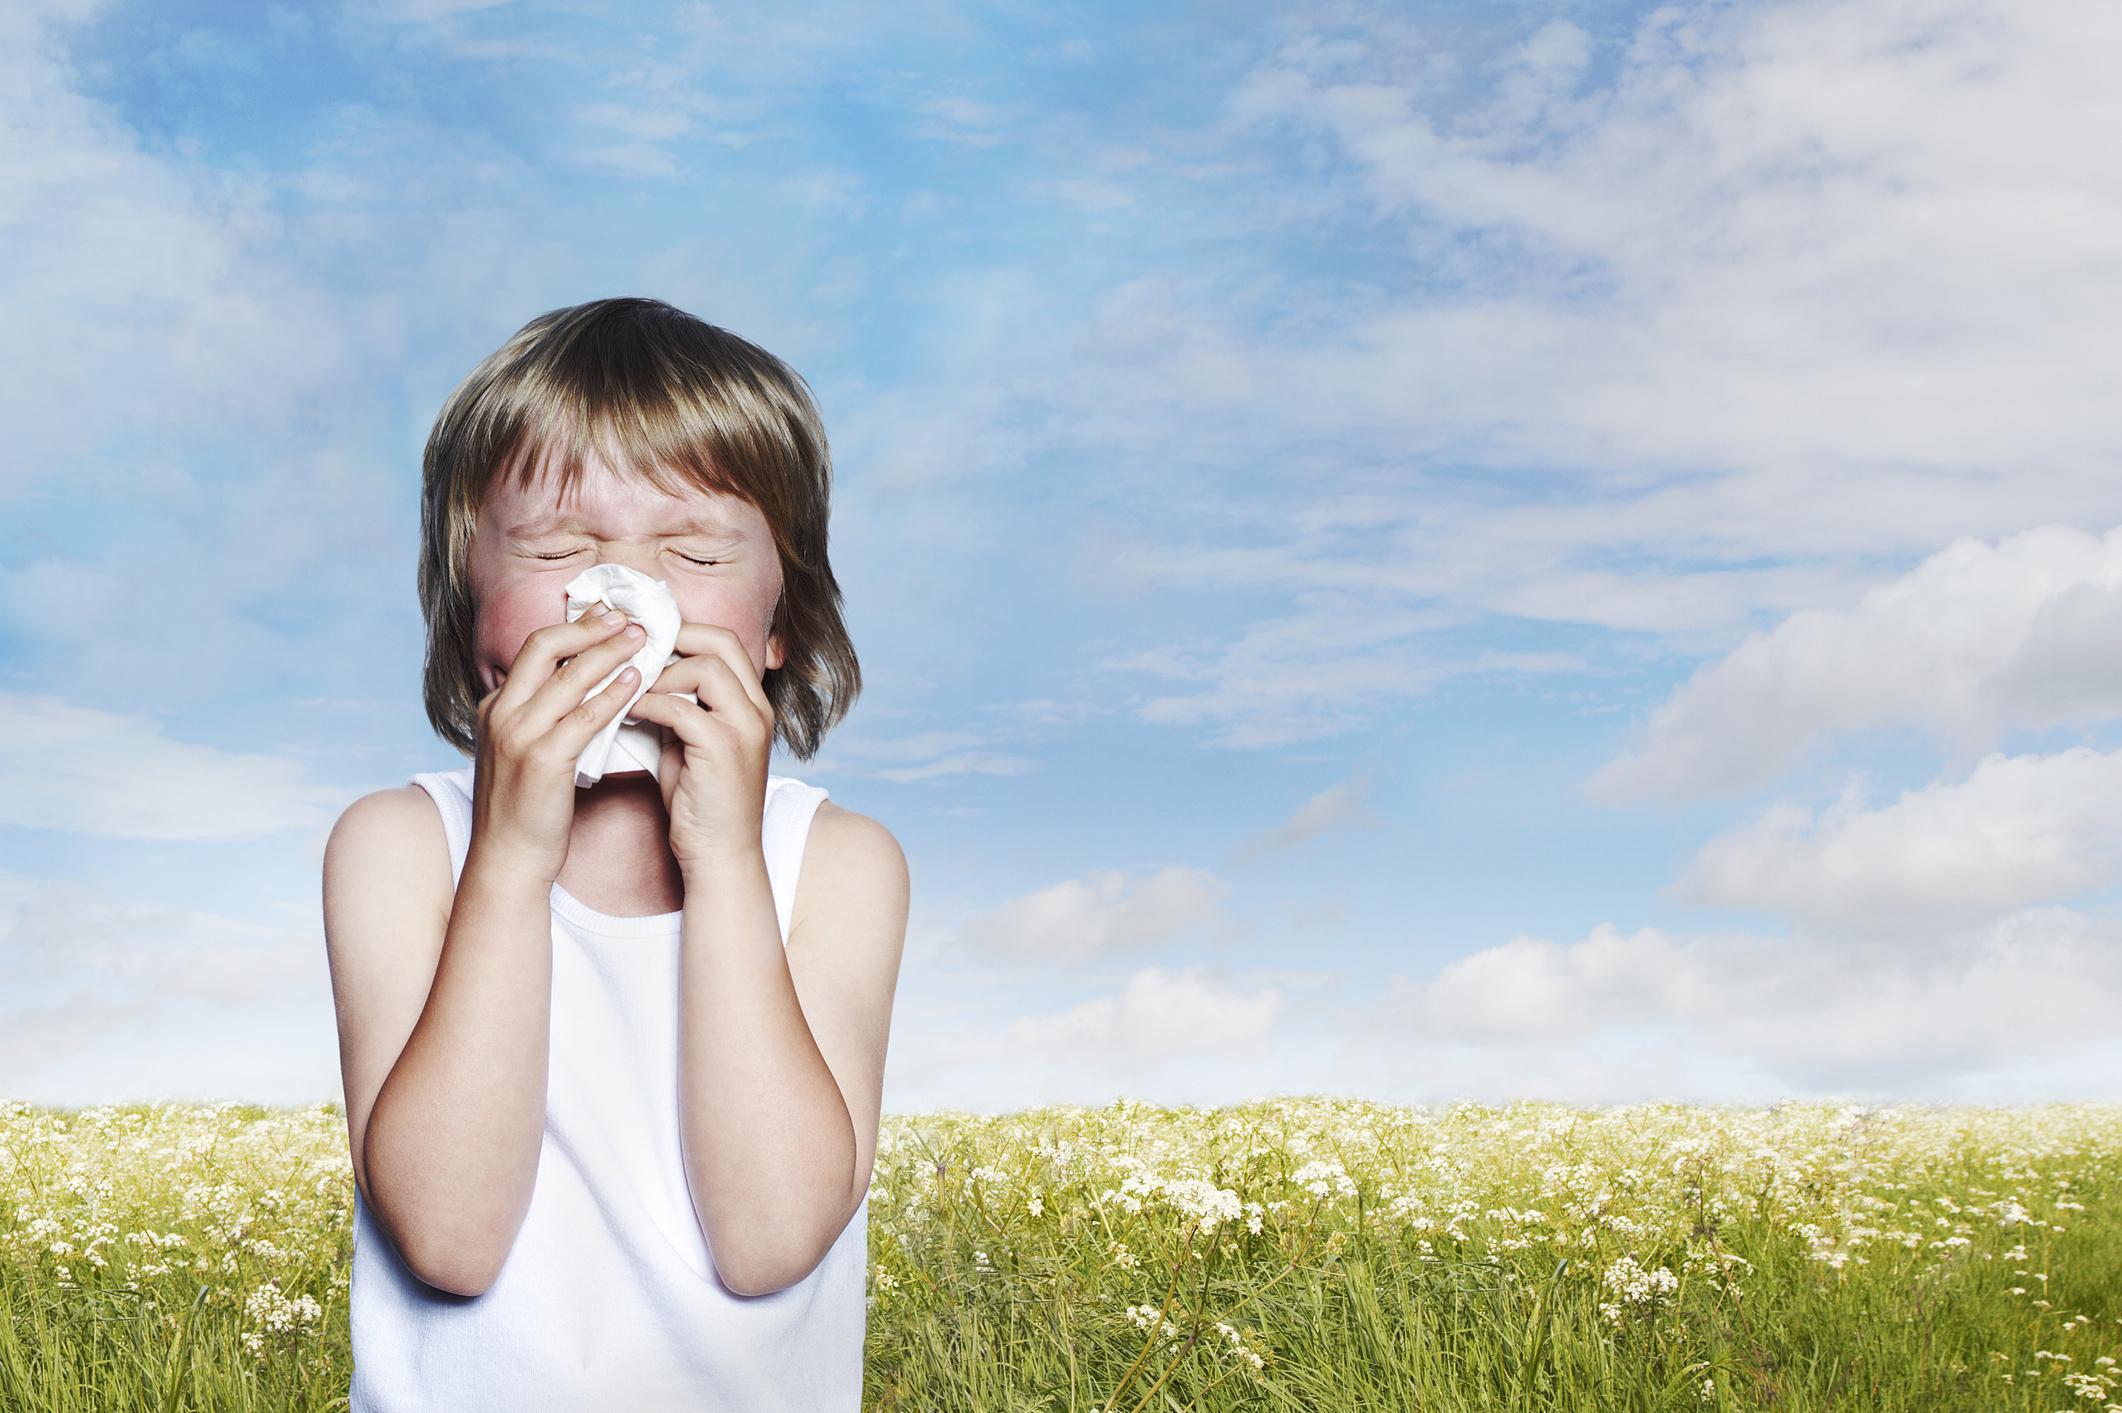 Полиомиелит: симптомы у детей после прививки, диагностика и лечение заболевания